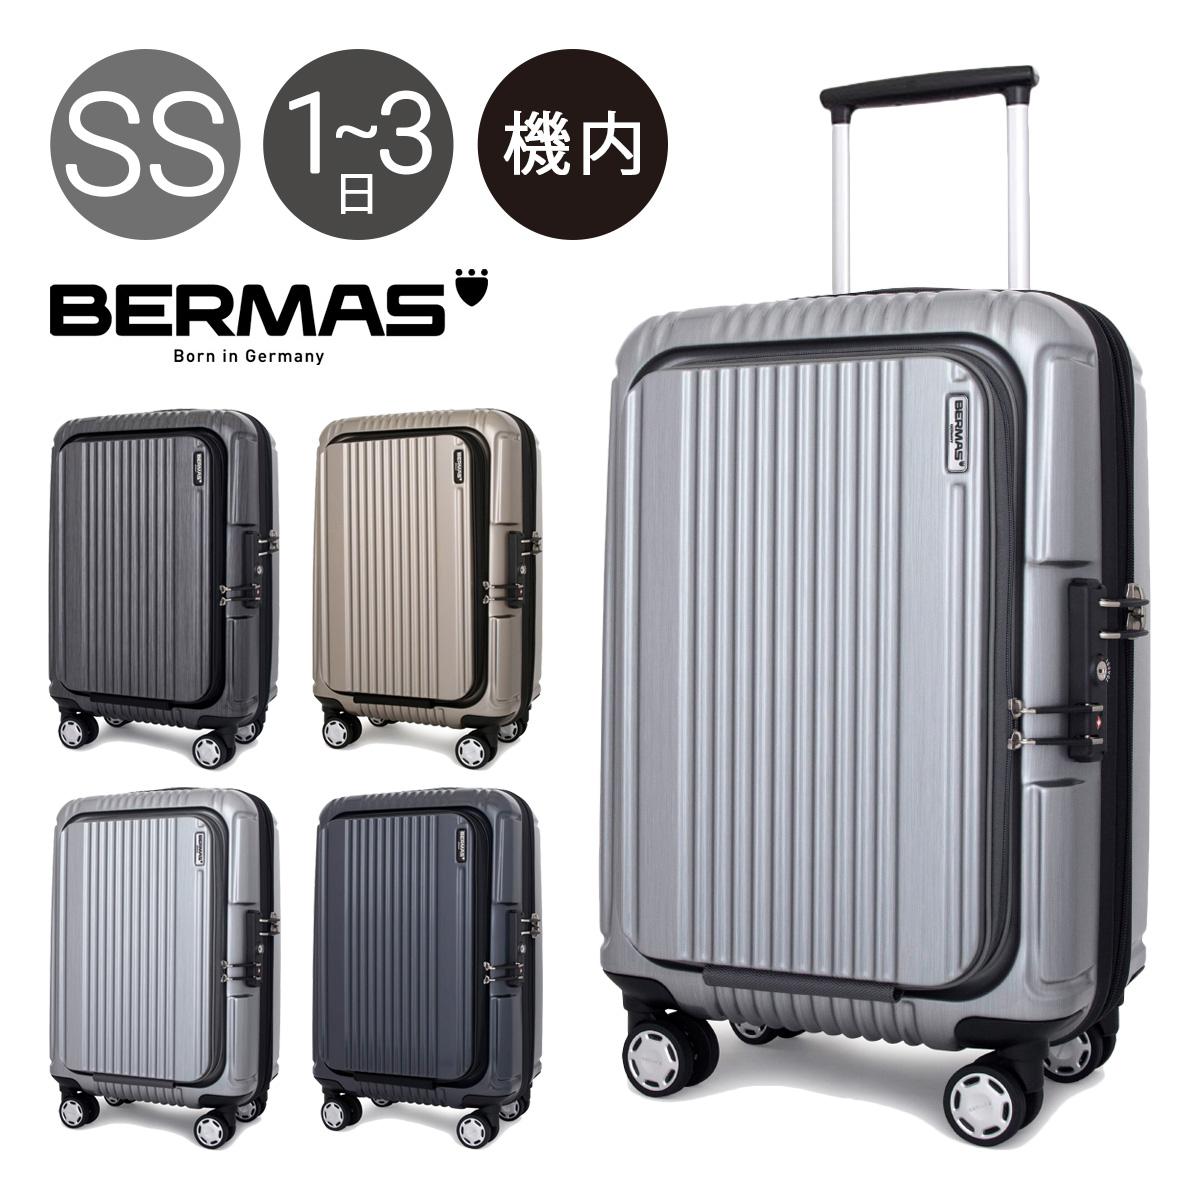 バーマス スーツケース プレステージ2 機内持ち込み 34L 49cm 2.9kg 60261 フロントオープン 1年保証 ハード ファスナー TSAロック搭載 HINOMOTO キャリーバッグ ビジネスキャリー [PO10][bef]